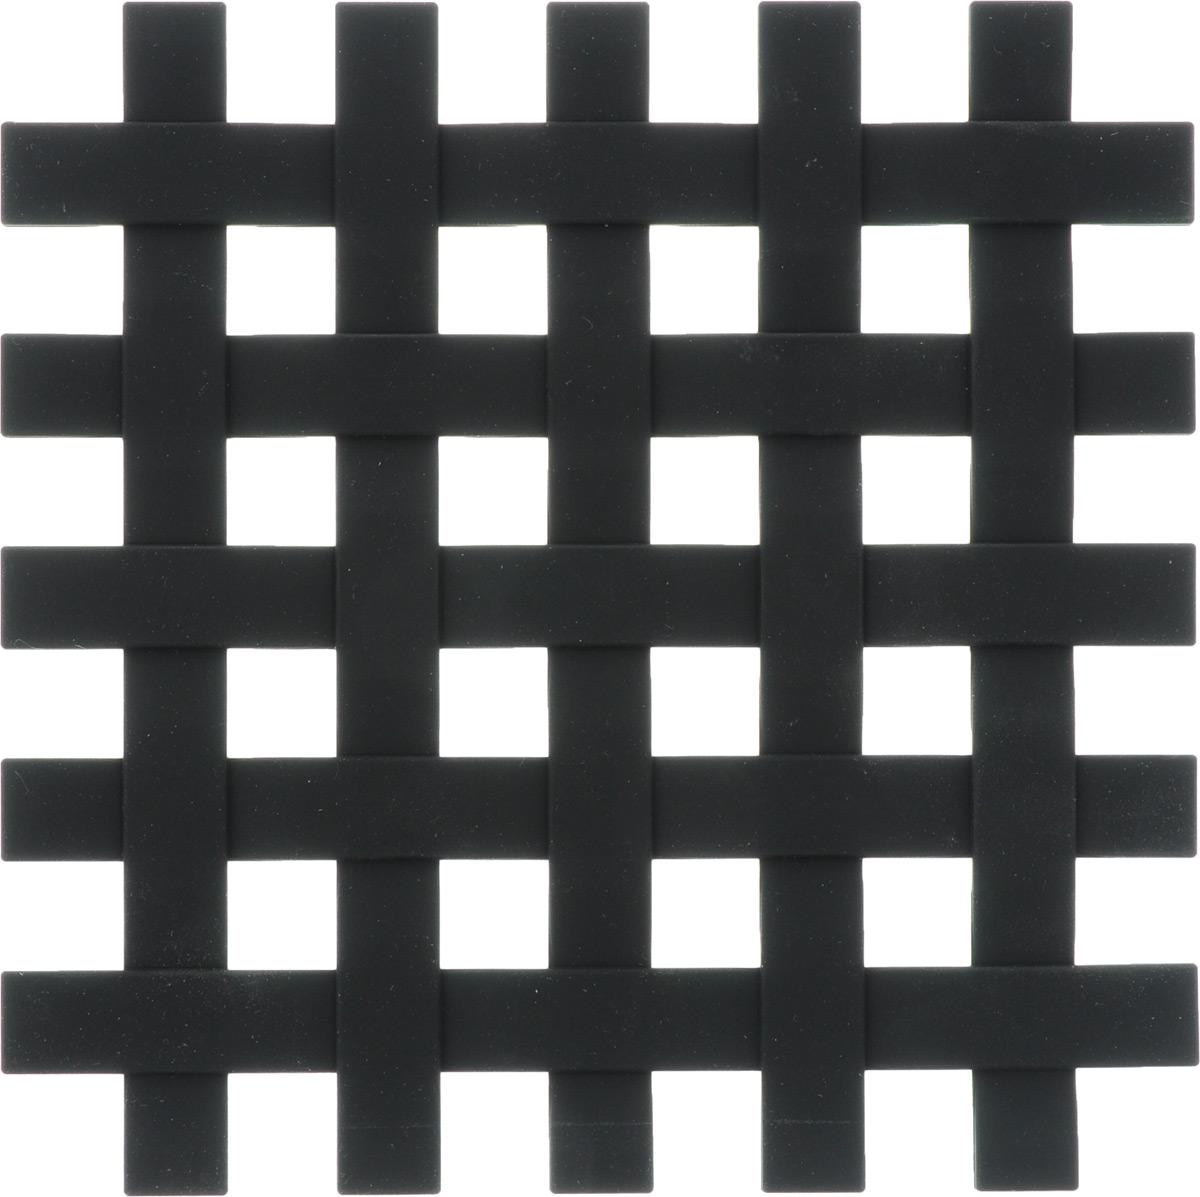 Подставка под горячее Zeller, цвет: черный, 17,2 х 17,2 см27232Подставка под горячее Zeller в виде решетки изготовлена из силикона. Материал позволяет выдерживать высокие температуры и не скользит по поверхности стола.Каждая хозяйка знает, что подставка под горячее - это незаменимый и очень полезный аксессуар на каждой кухне. Ваш стол будет не только украшен оригинальной подставкой, но и избежит воздействия высоких температур.